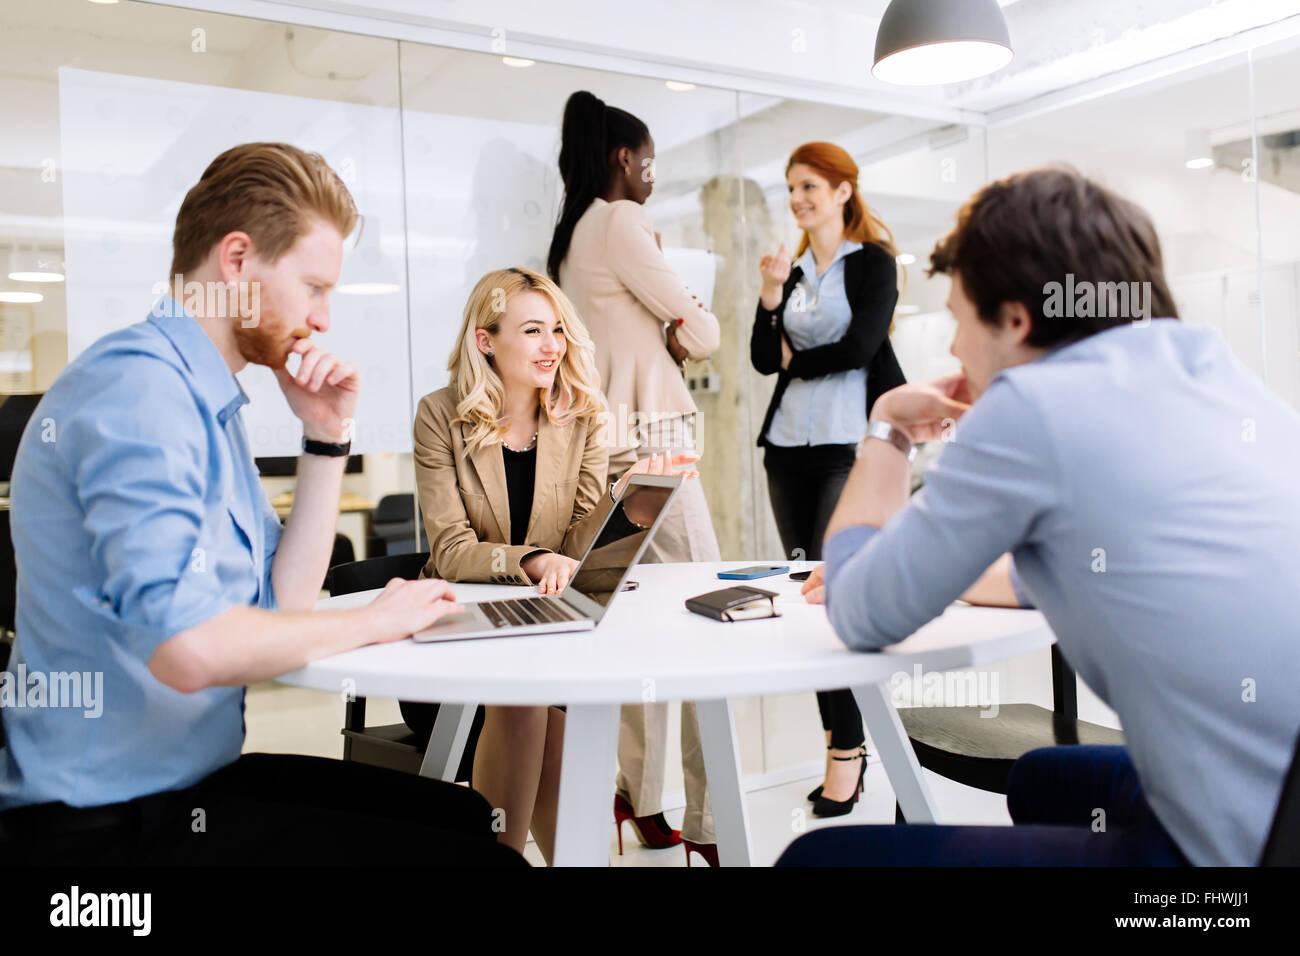 Gruppe von Geschäftsleuten im Büro arbeiten und neue Ideen zu diskutieren Stockbild